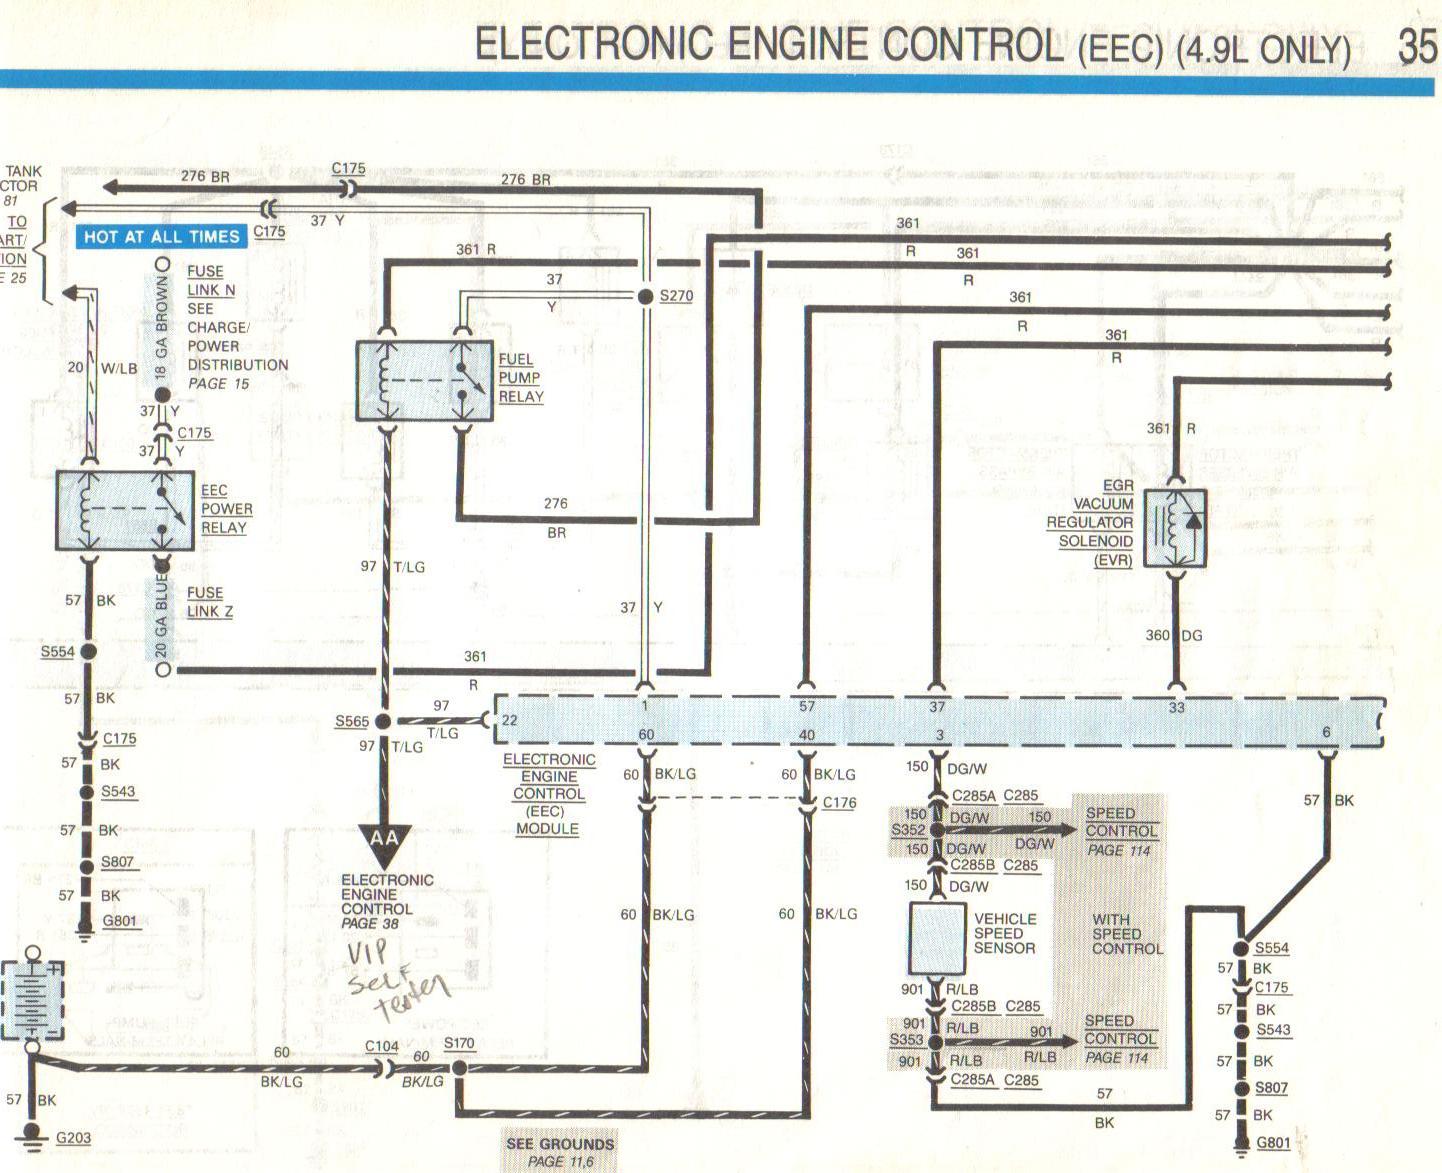 F Cyl Engine Ctrl Pg